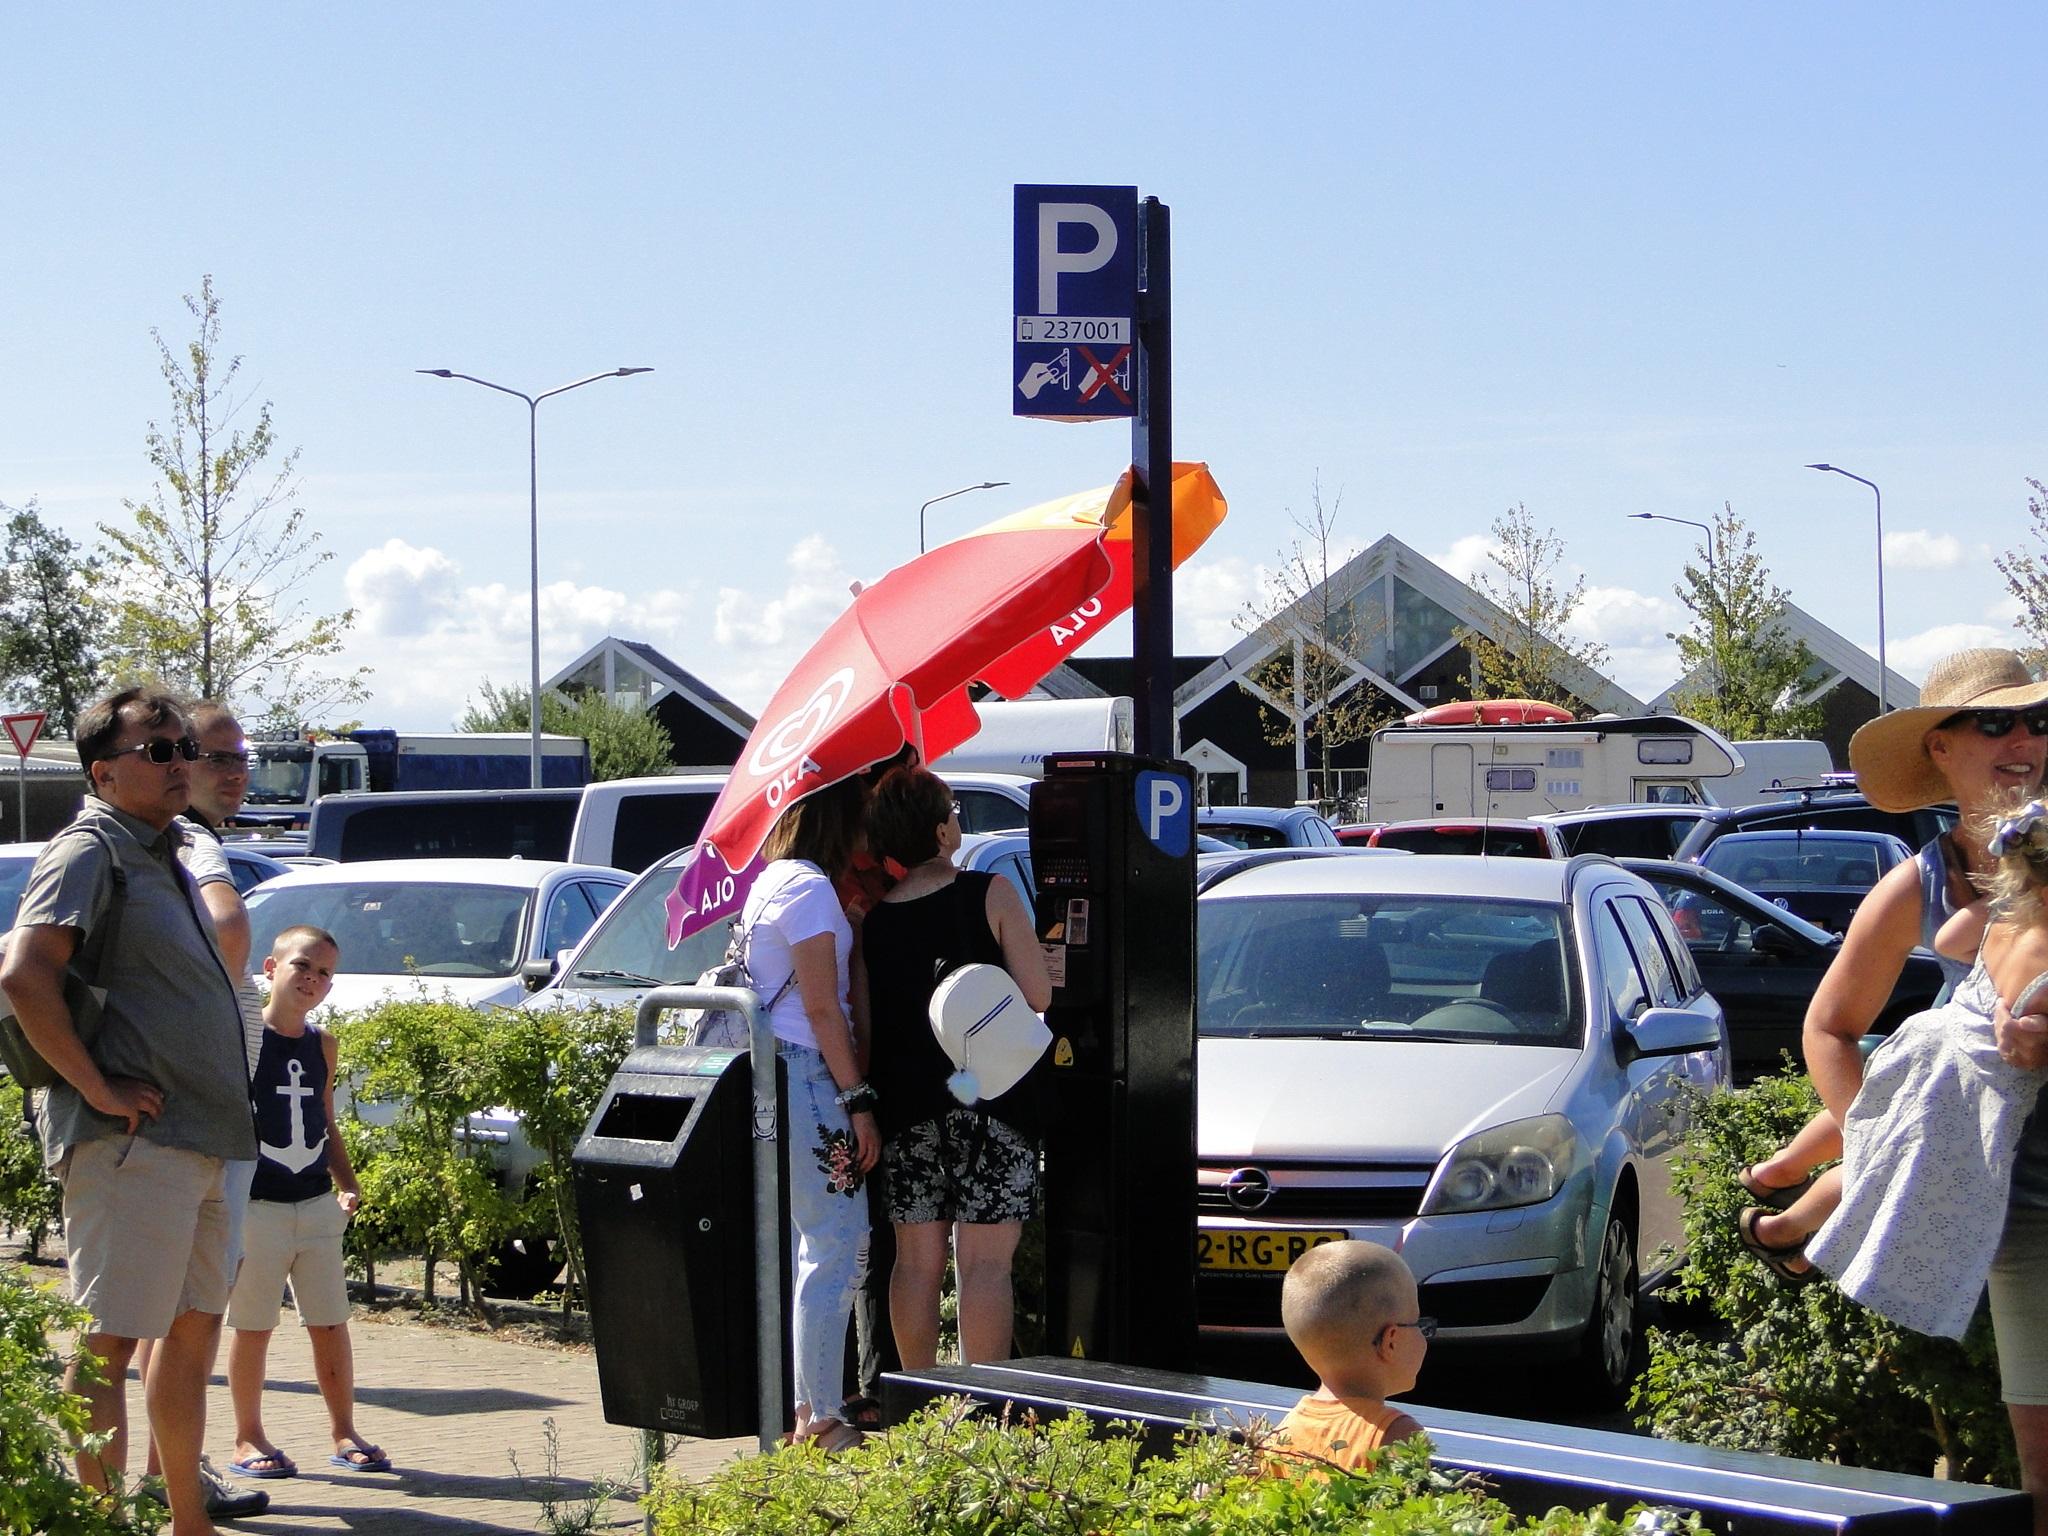 Met het extreem warme weer van de afgelopen dagen hebben ook de parkeerautomaten een parasol nodig voor wat verkoeling.  (Foto: Pep)